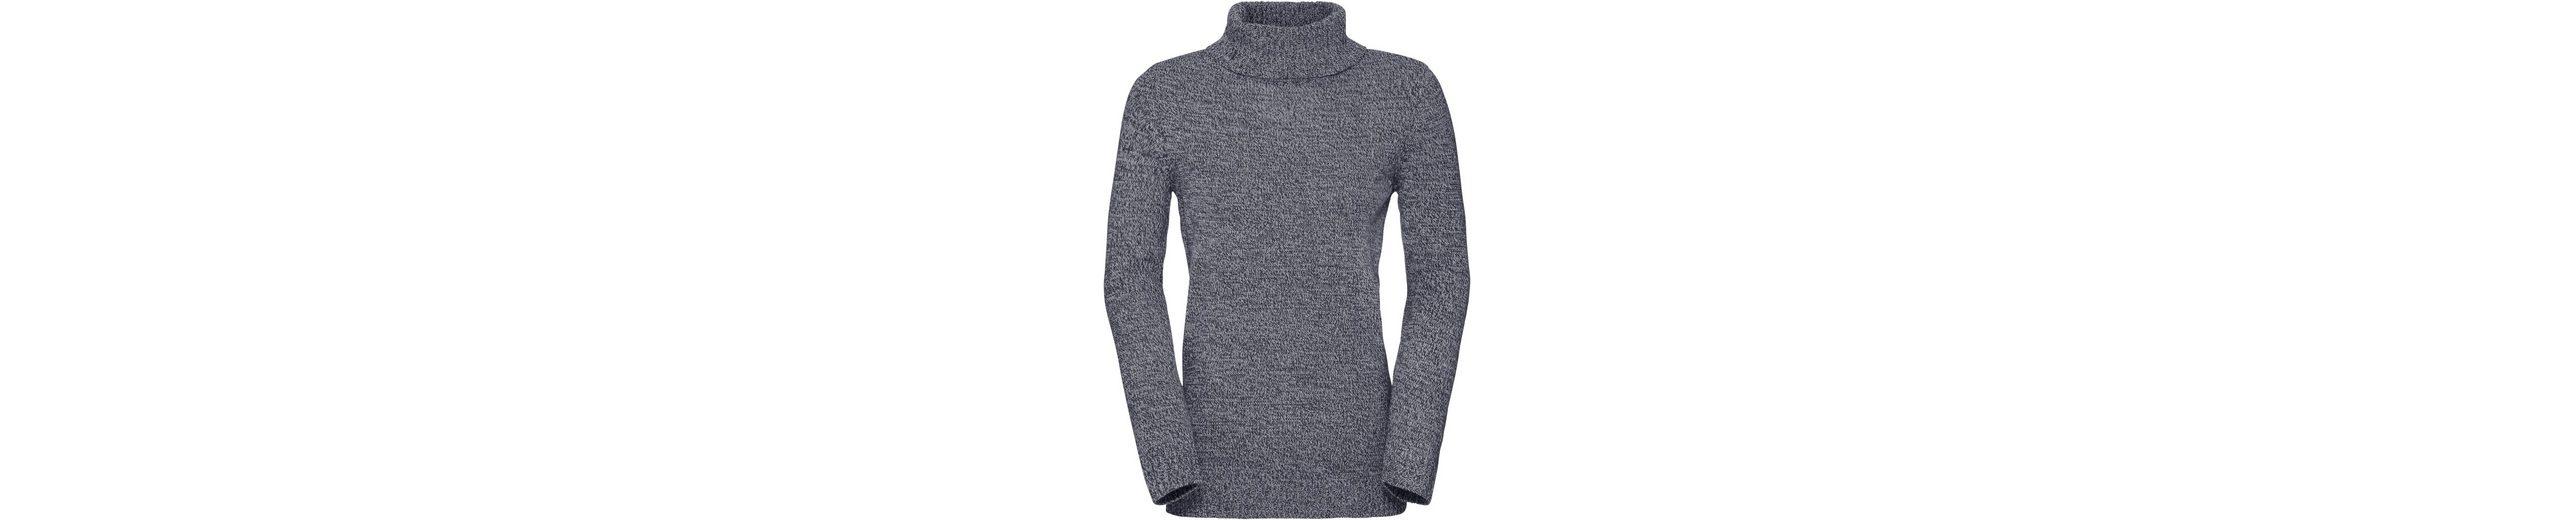 Steckdose Online Orange 100% Original Classic Basics Pullover mit gerippten Abschlüssen Billig Footlocker Billig Verkaufen Gefälschte MaWB66